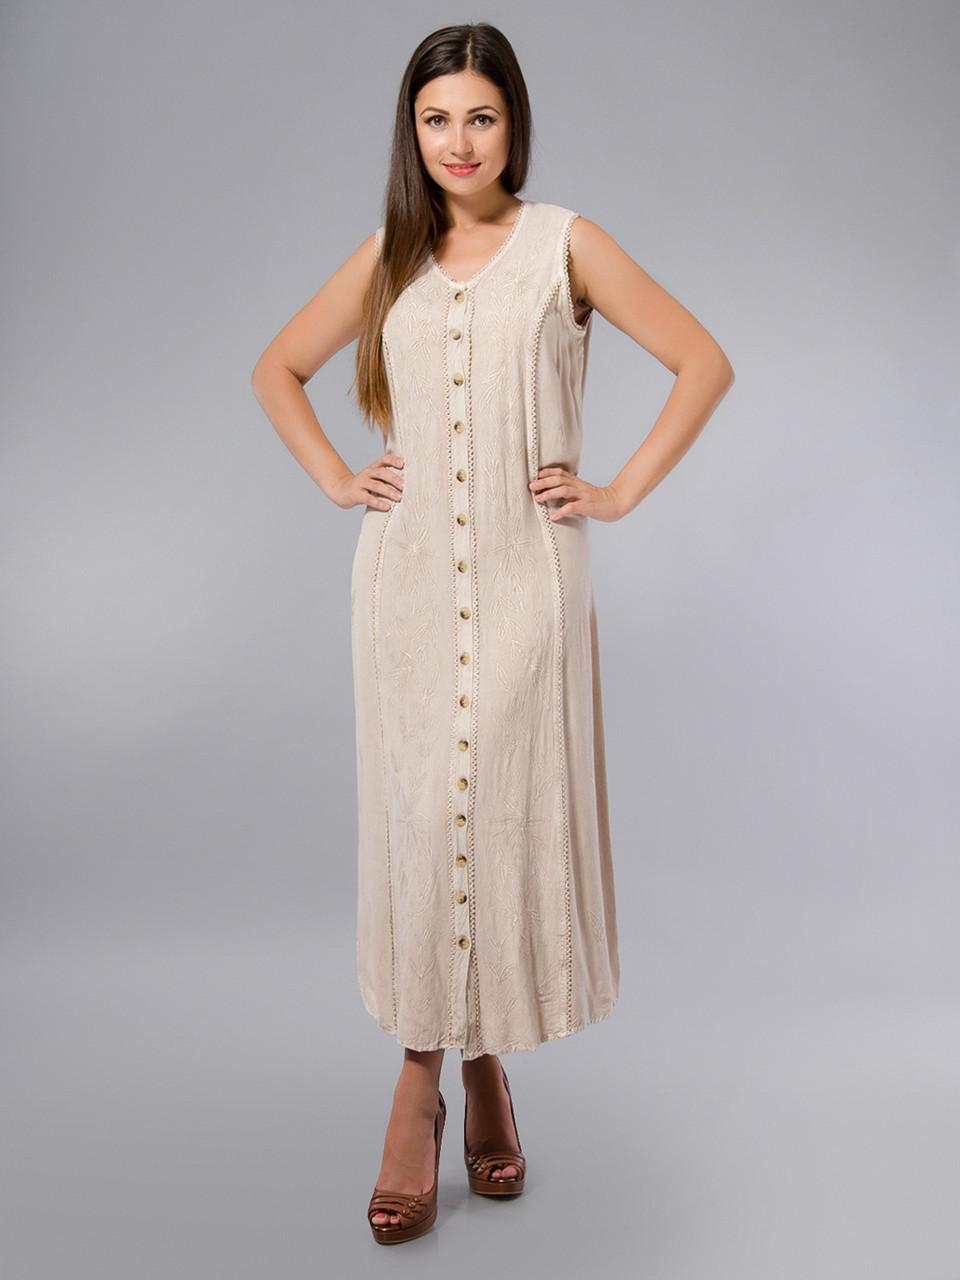 Уценка! Платье - халат, бежевое, хлопок, Индия, на 46-50 размеры, фото 1